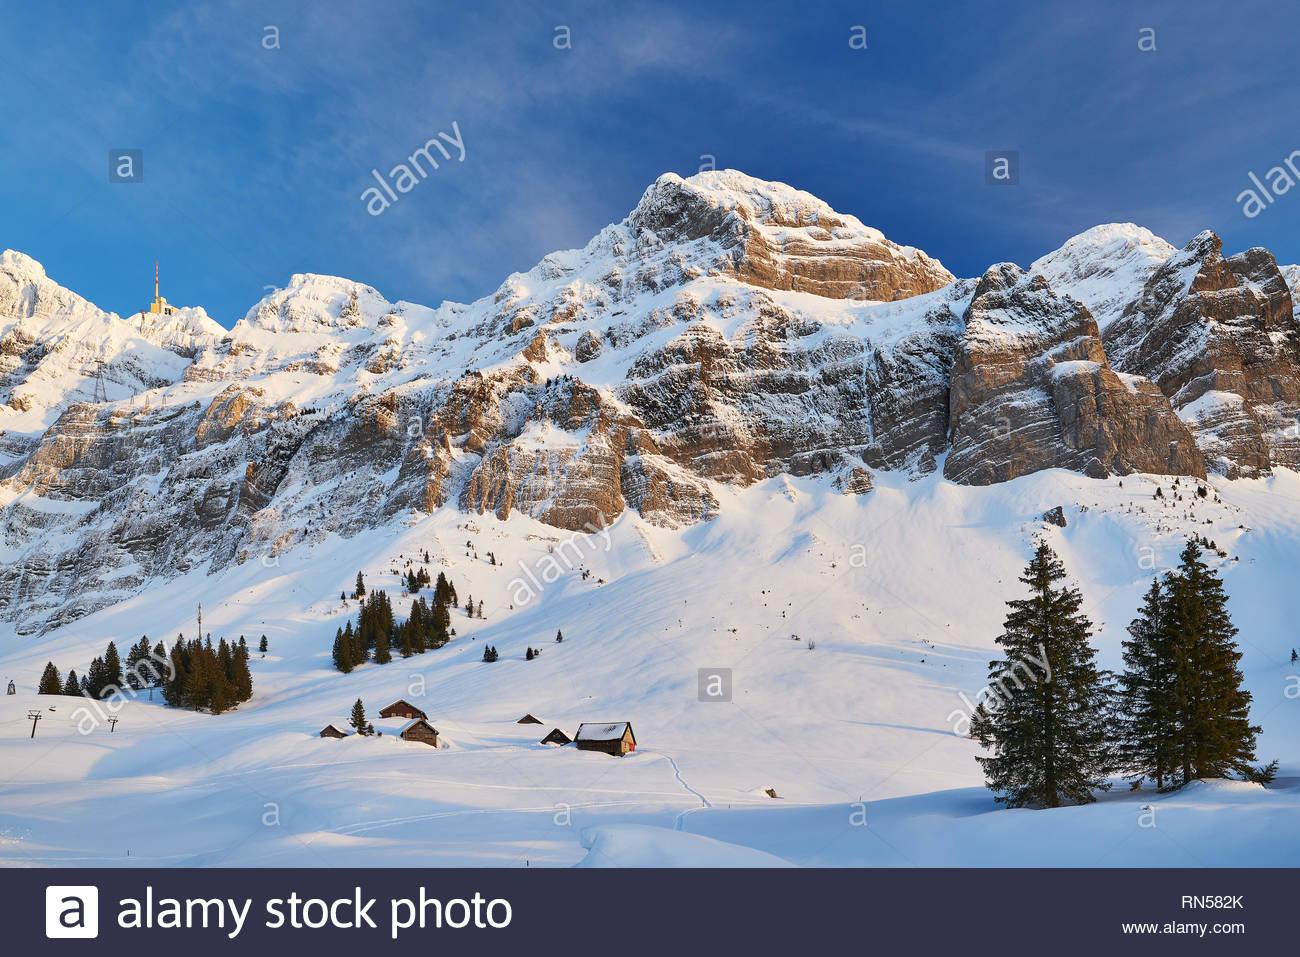 Mit Alpsteinmassiv schneebedeckte Schwägalp und Säntis im Winter, Felsen, blauer Himmel, beiden Schleierwolken, Häuser und Schäunen, Tannen Stockbild